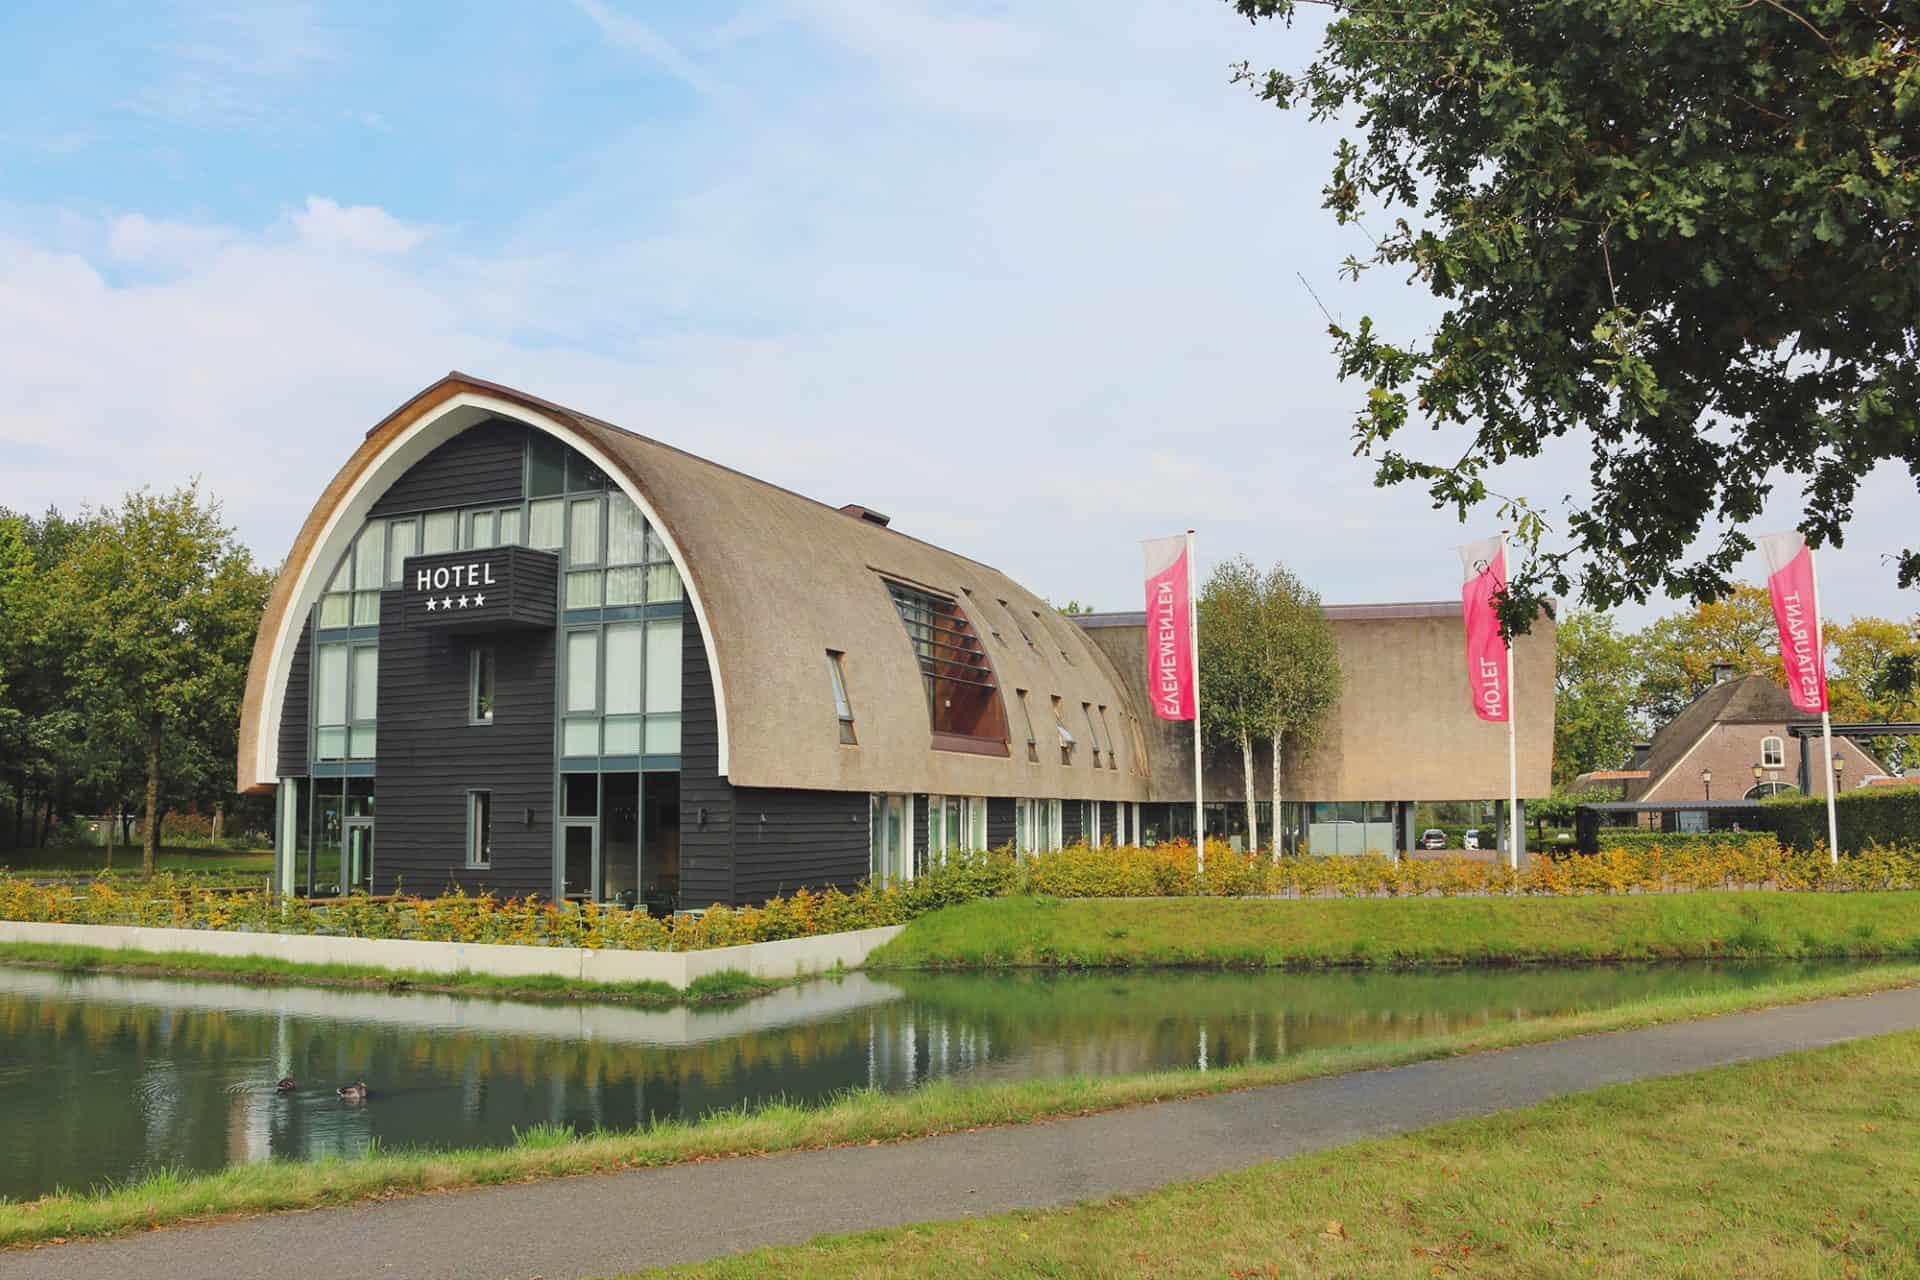 Hotel De Roode Schuur in Nijkerk, Gelderland